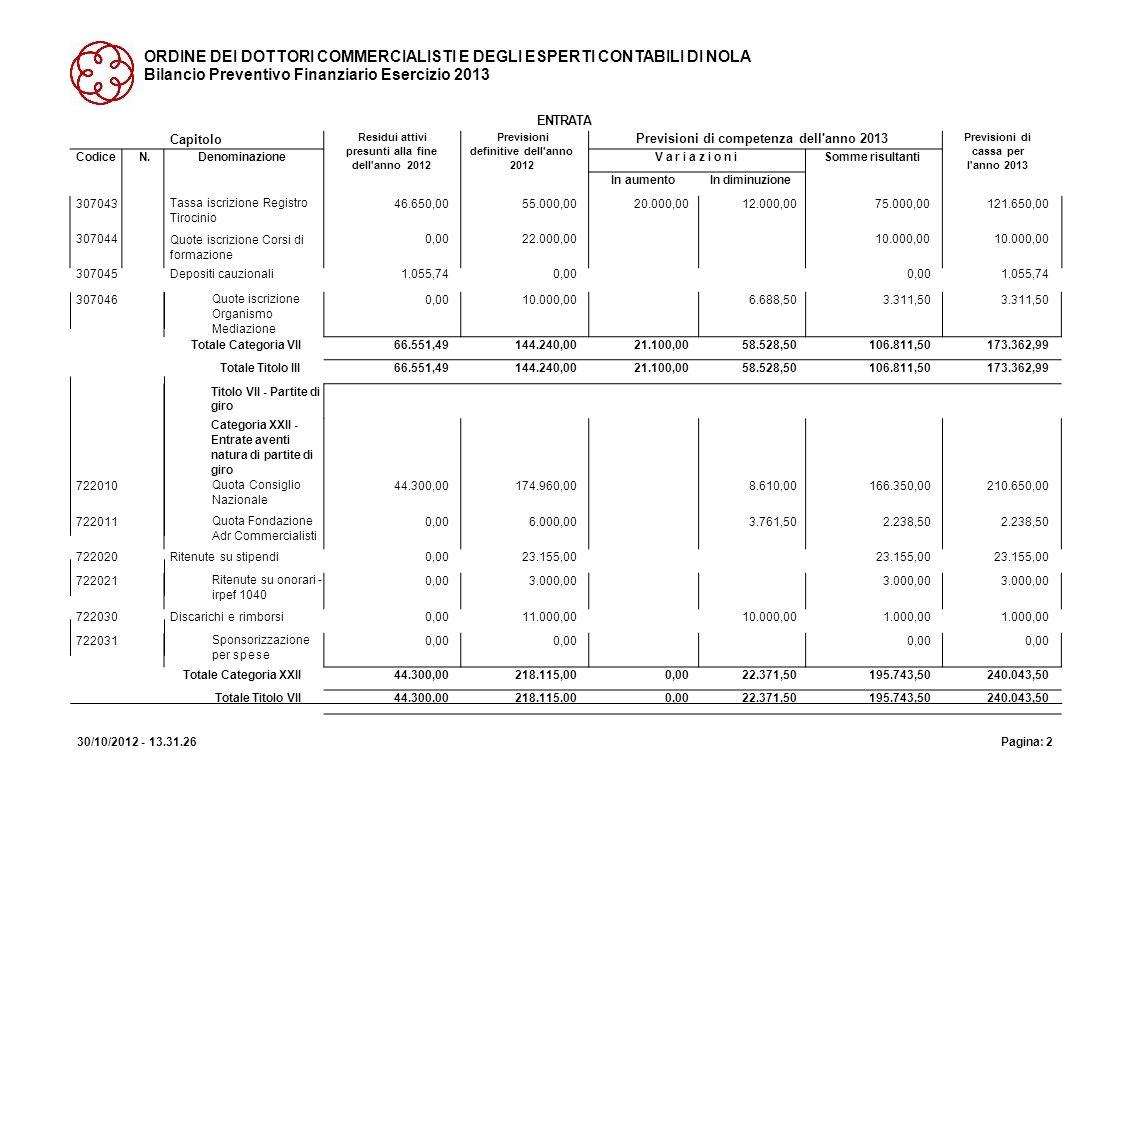 ORDINE DEI DOTTORI COMMERCIALISTI E DEGLI ESPERTI CONTABILI DI NOLA Bilancio Preventivo Finanziario Esercizio 2013 ENTRATA 30/10/2012 - 13.31.26Pagina